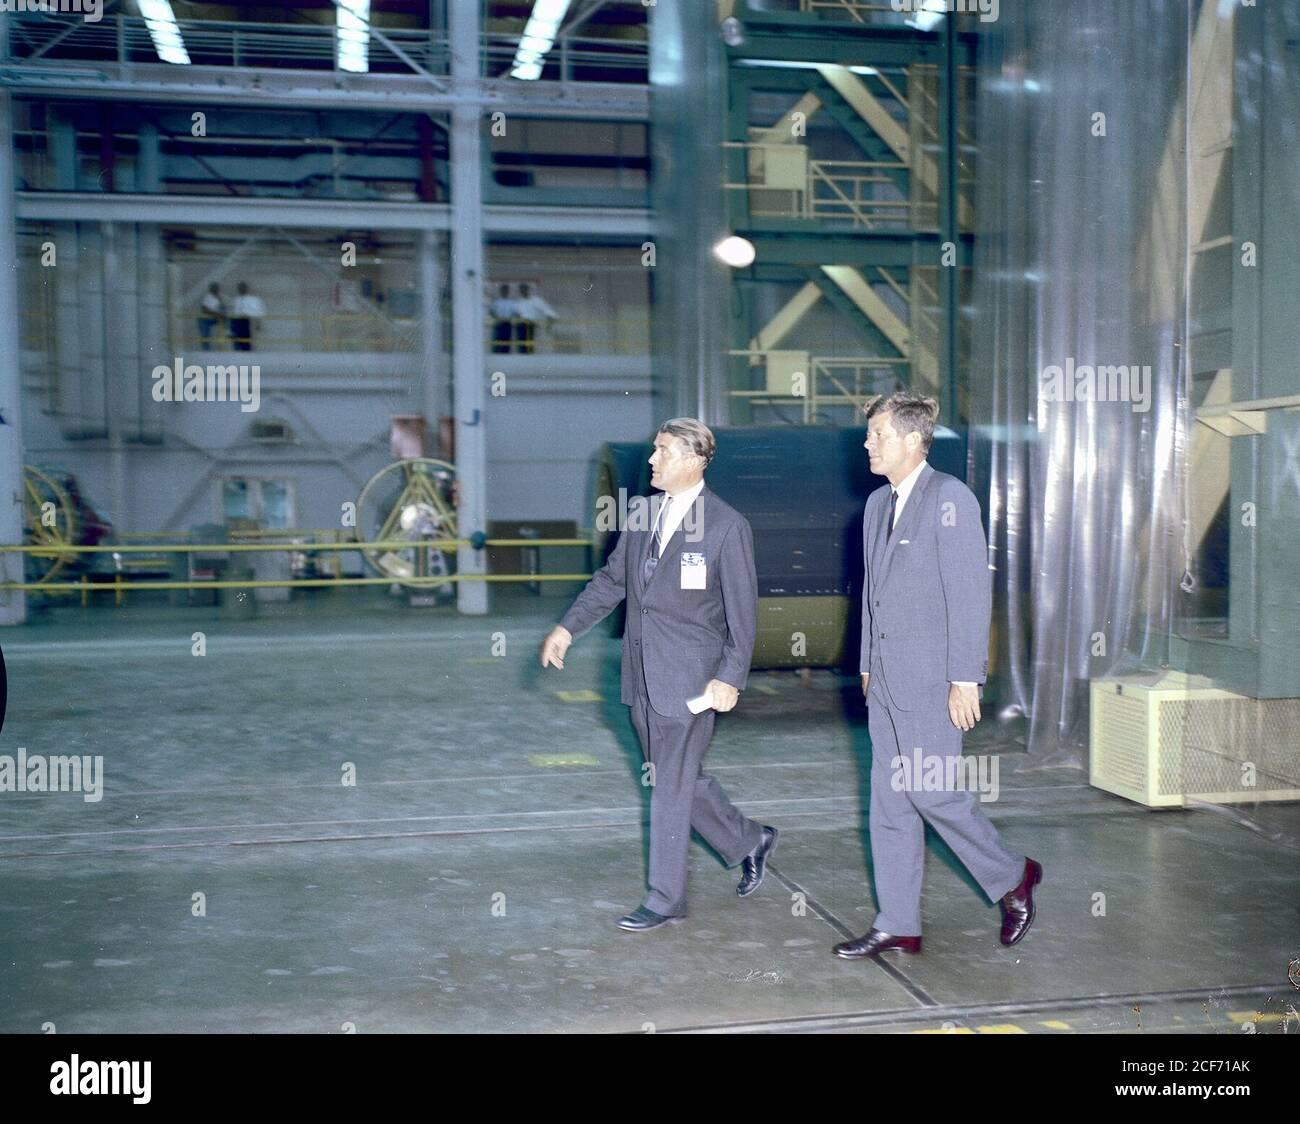 Präsident John F. Kennedy besuchte das Marshall Space Flight Center am 11. September 1962. Hier besuchen Präsident Kennedy und Dr. Wernher von Braun, MSFC-Direktor, eines der Labors. Stockfoto